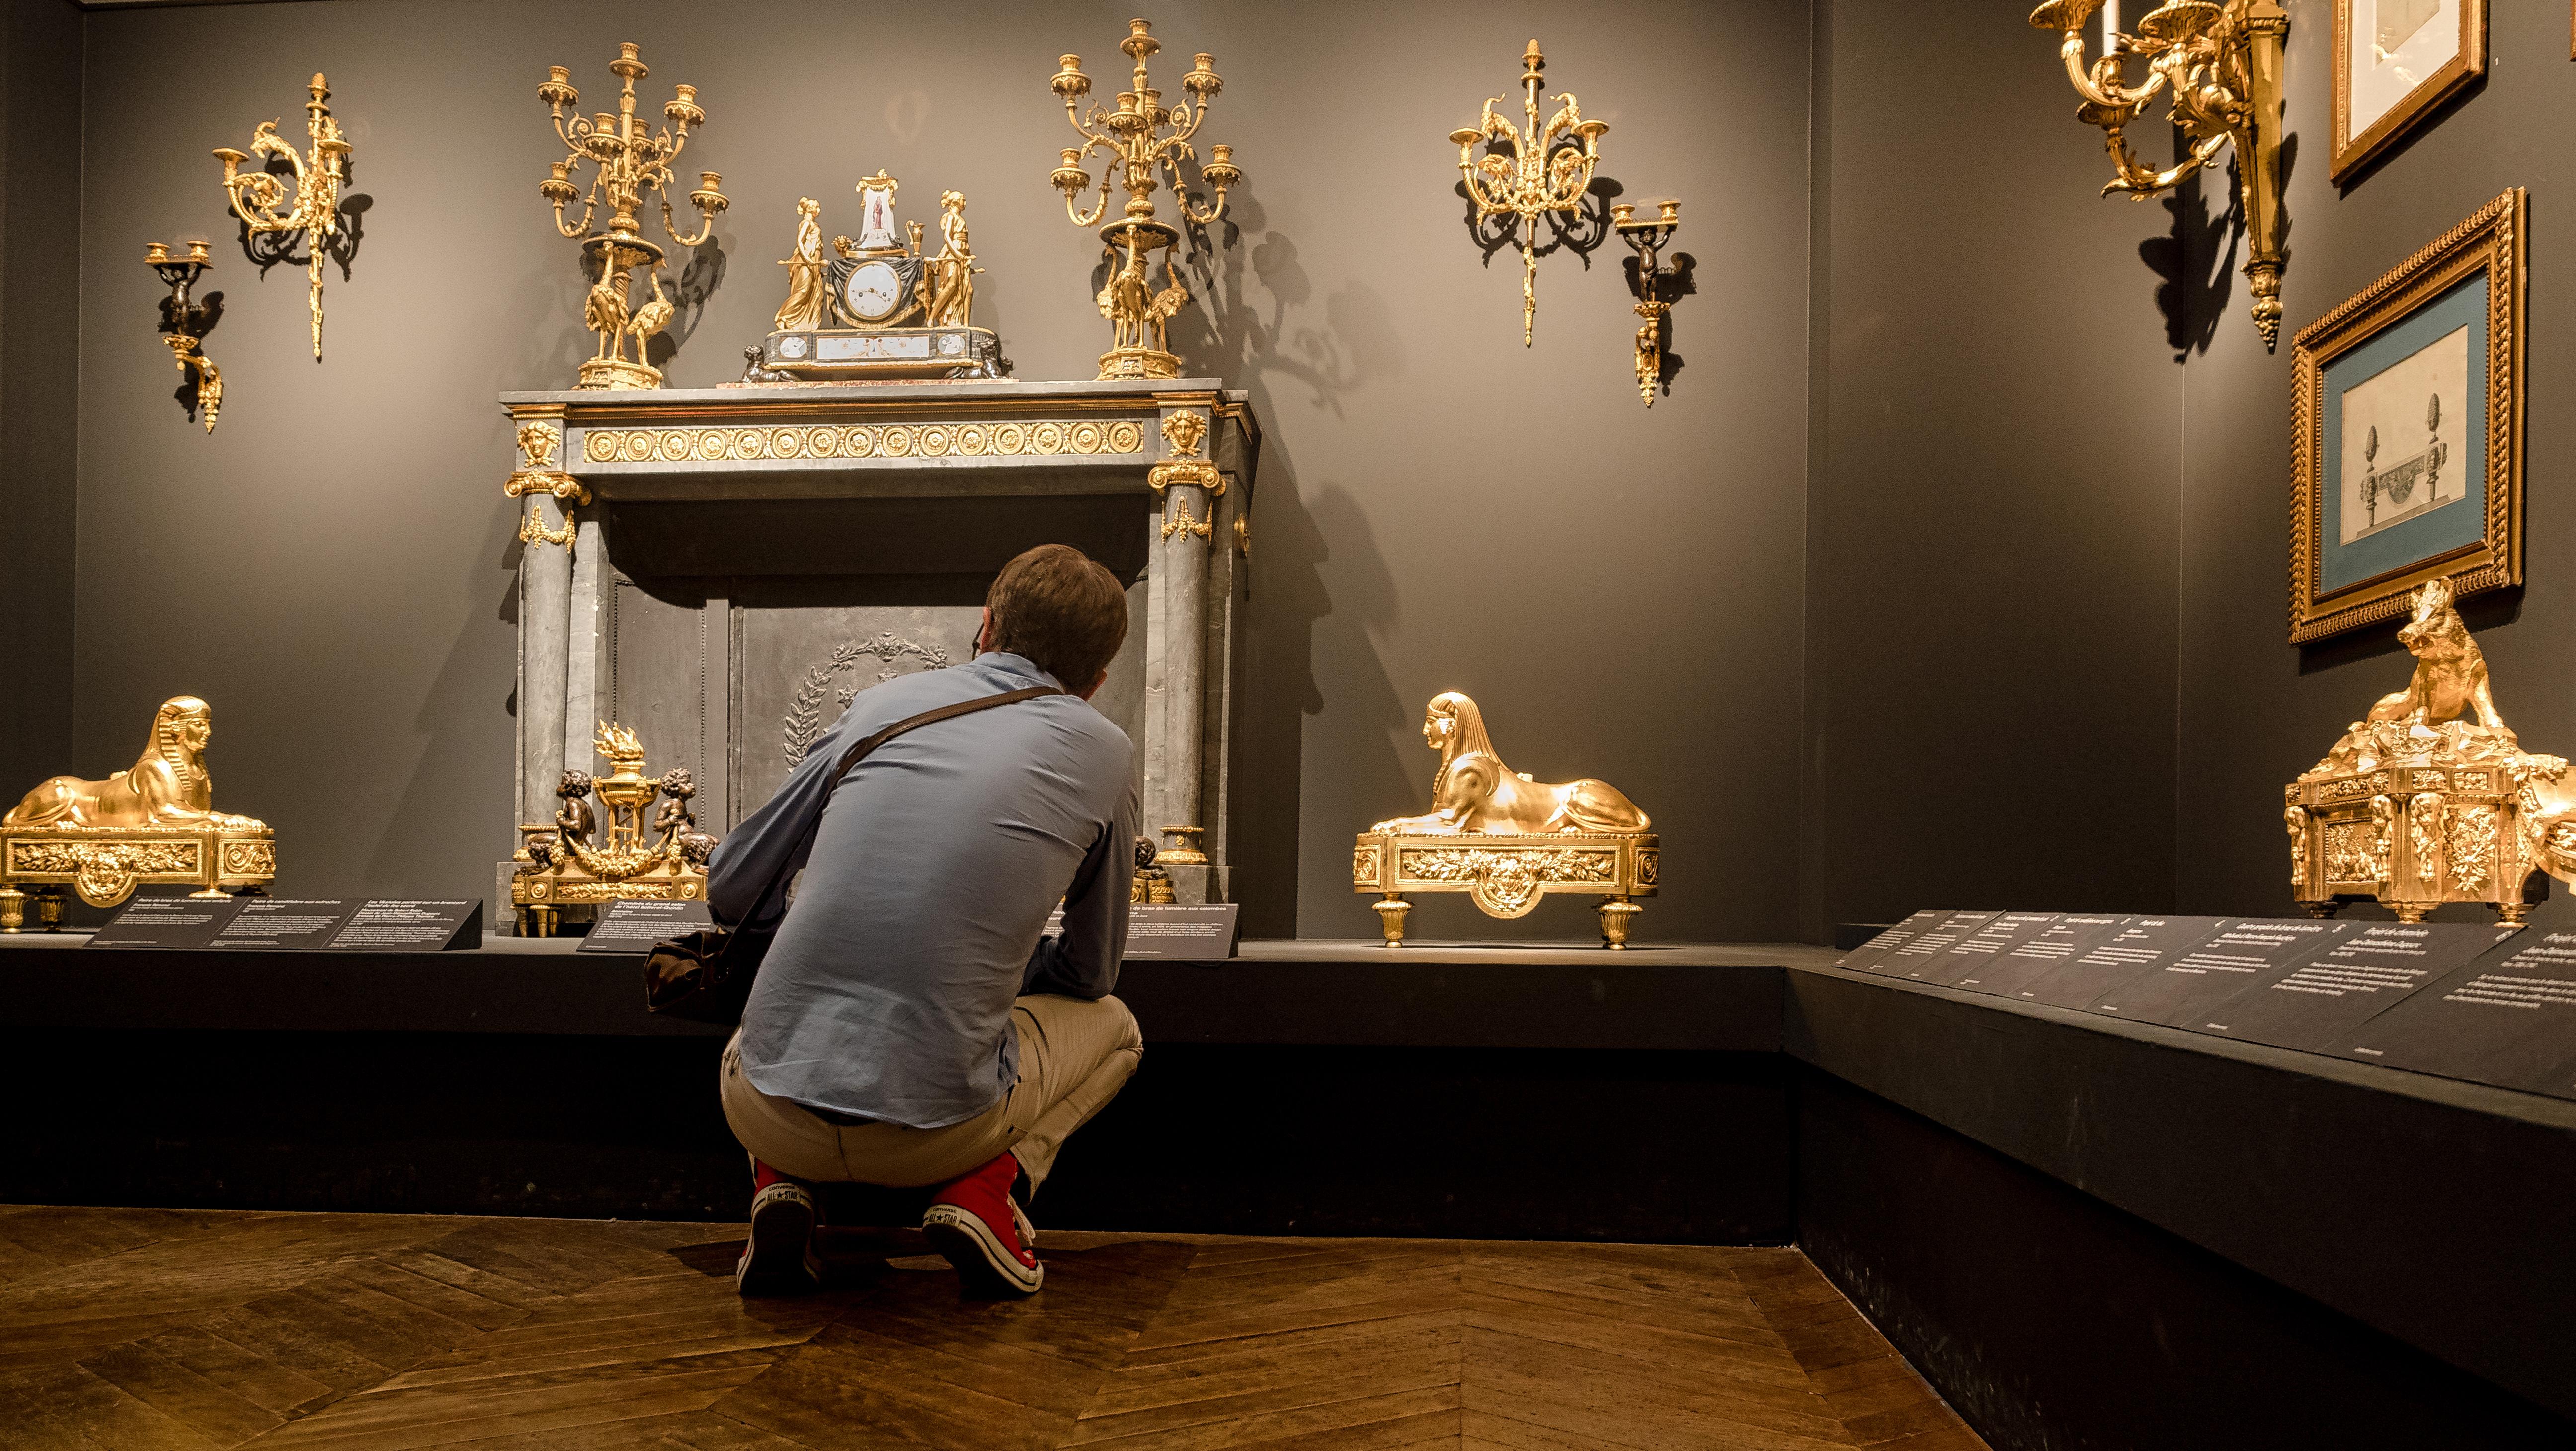 Musée des Arts Décoratifs Musée des Arts Décoratifs%252C Paris 2017